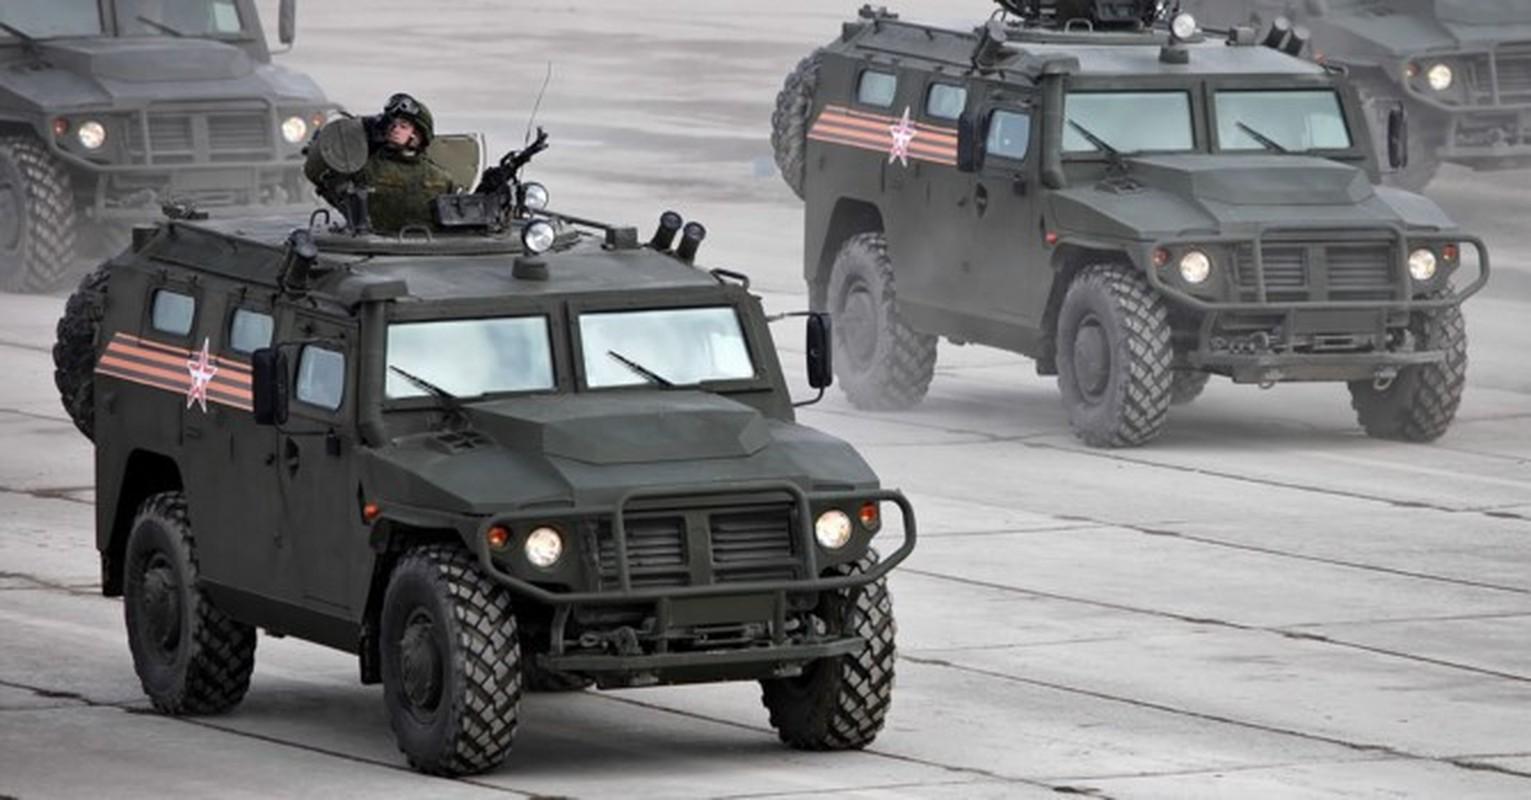 Soi dan xe boc thep Nga vua chi vien cho quan canh tai Syria-Hinh-5